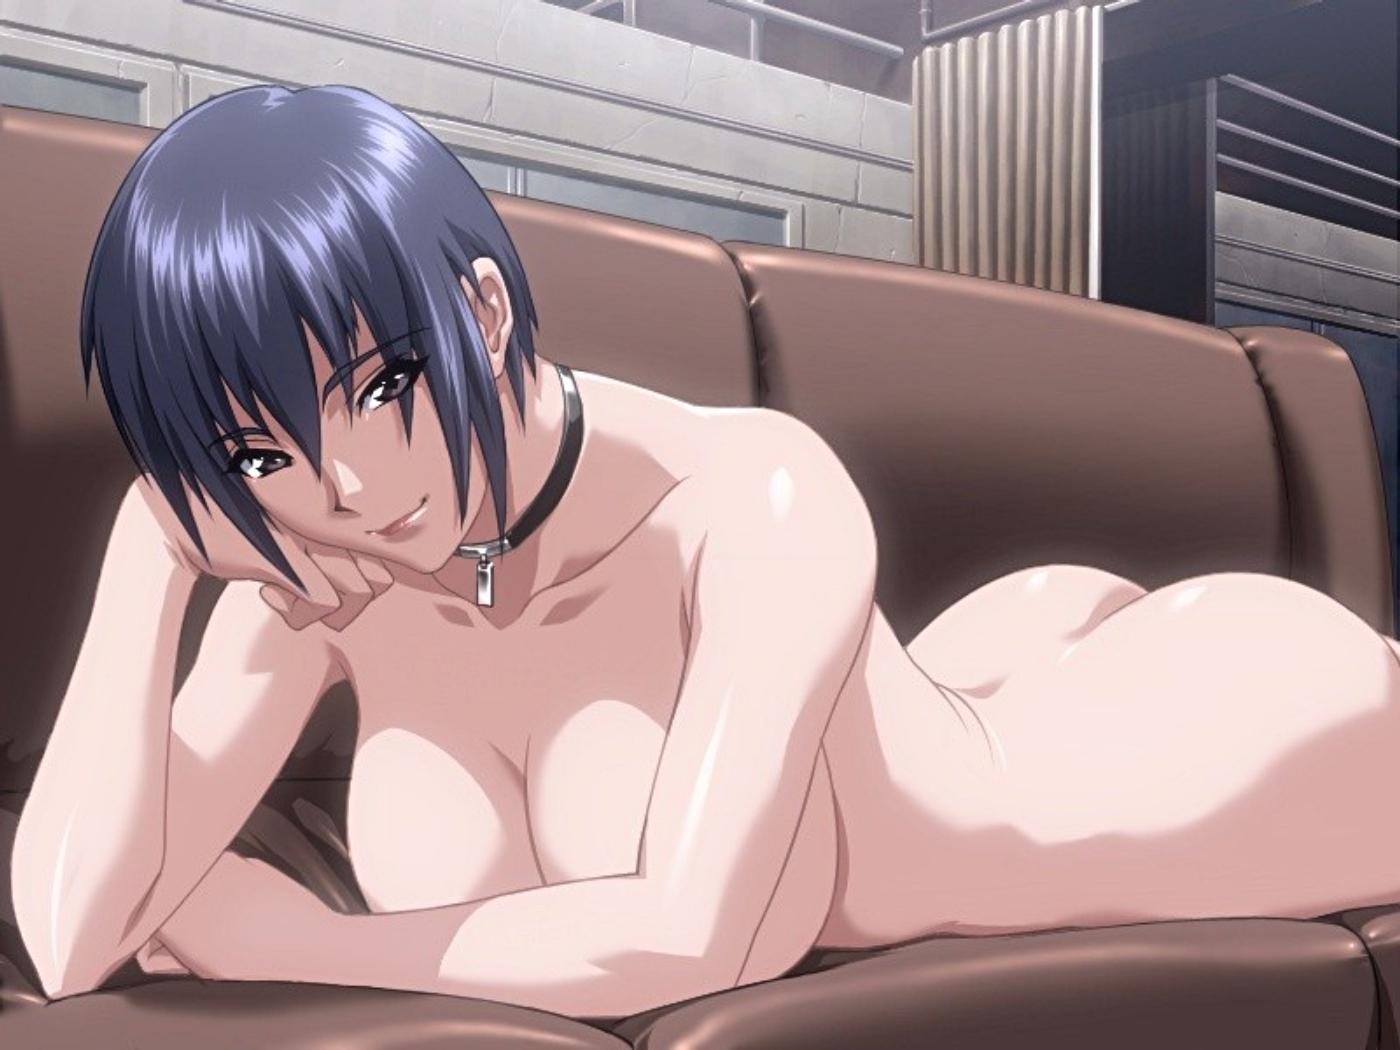 Hot erotic hentai women image naked pics